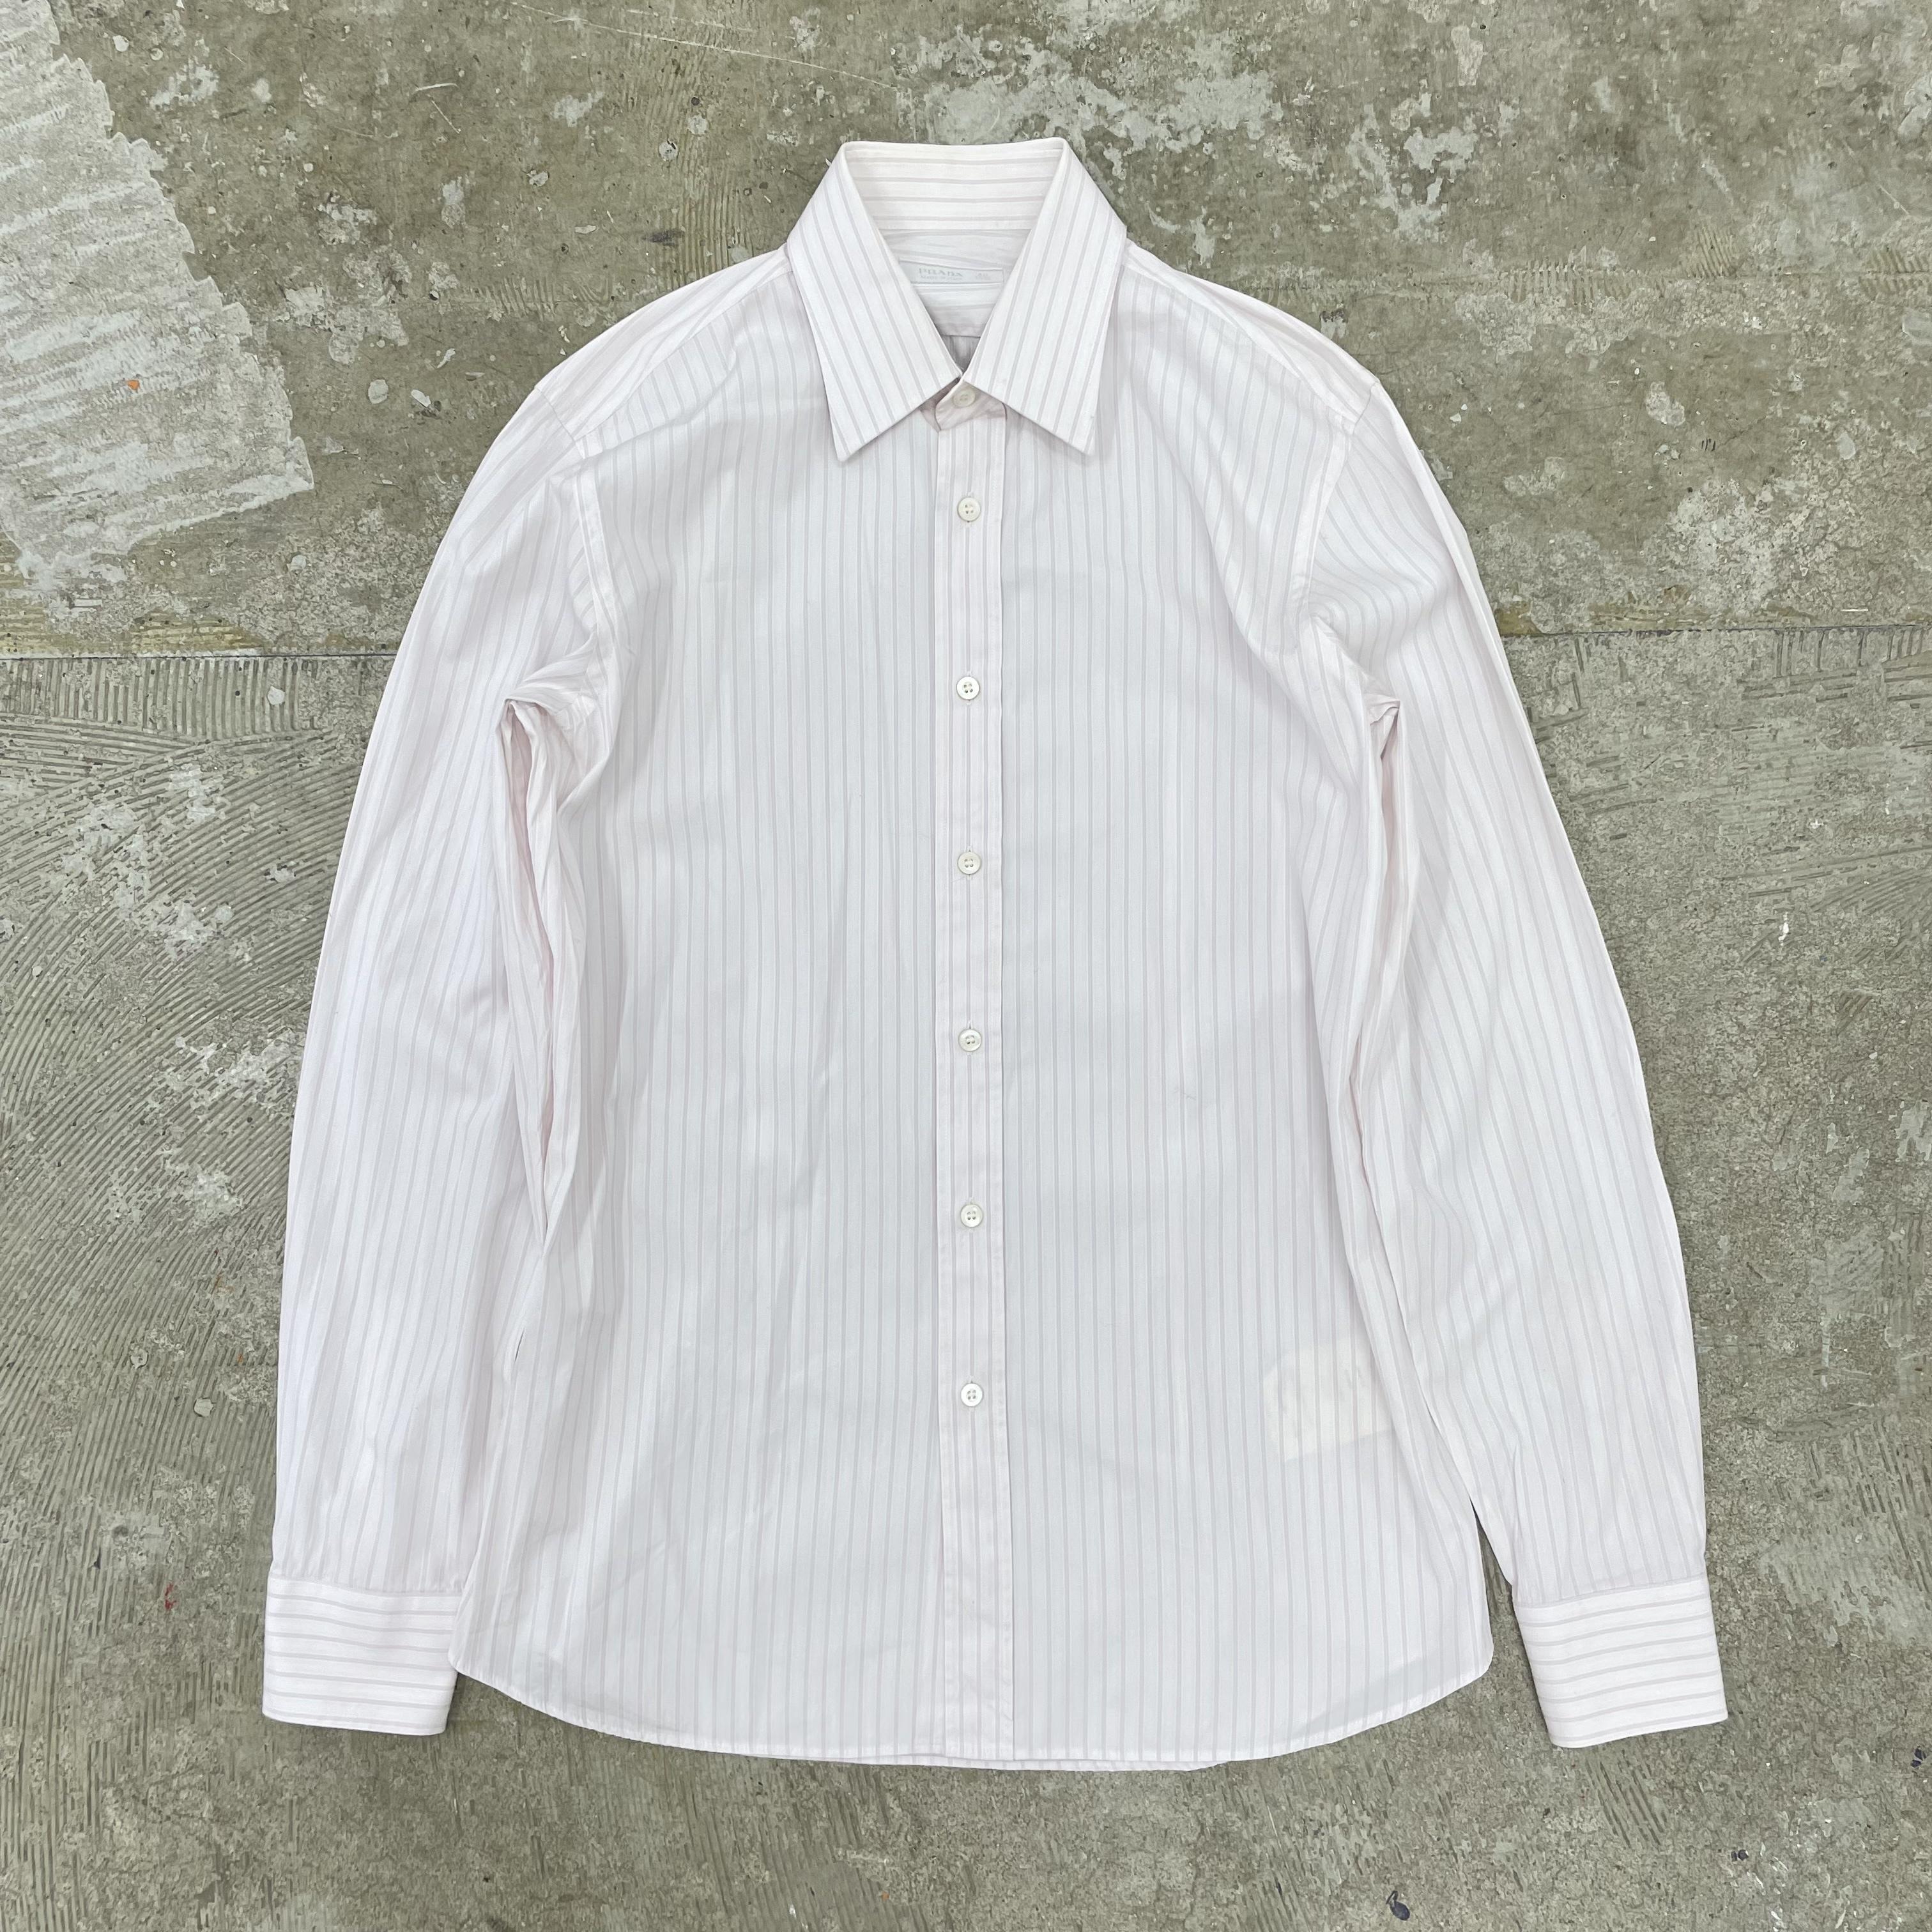 Prada / Size 40